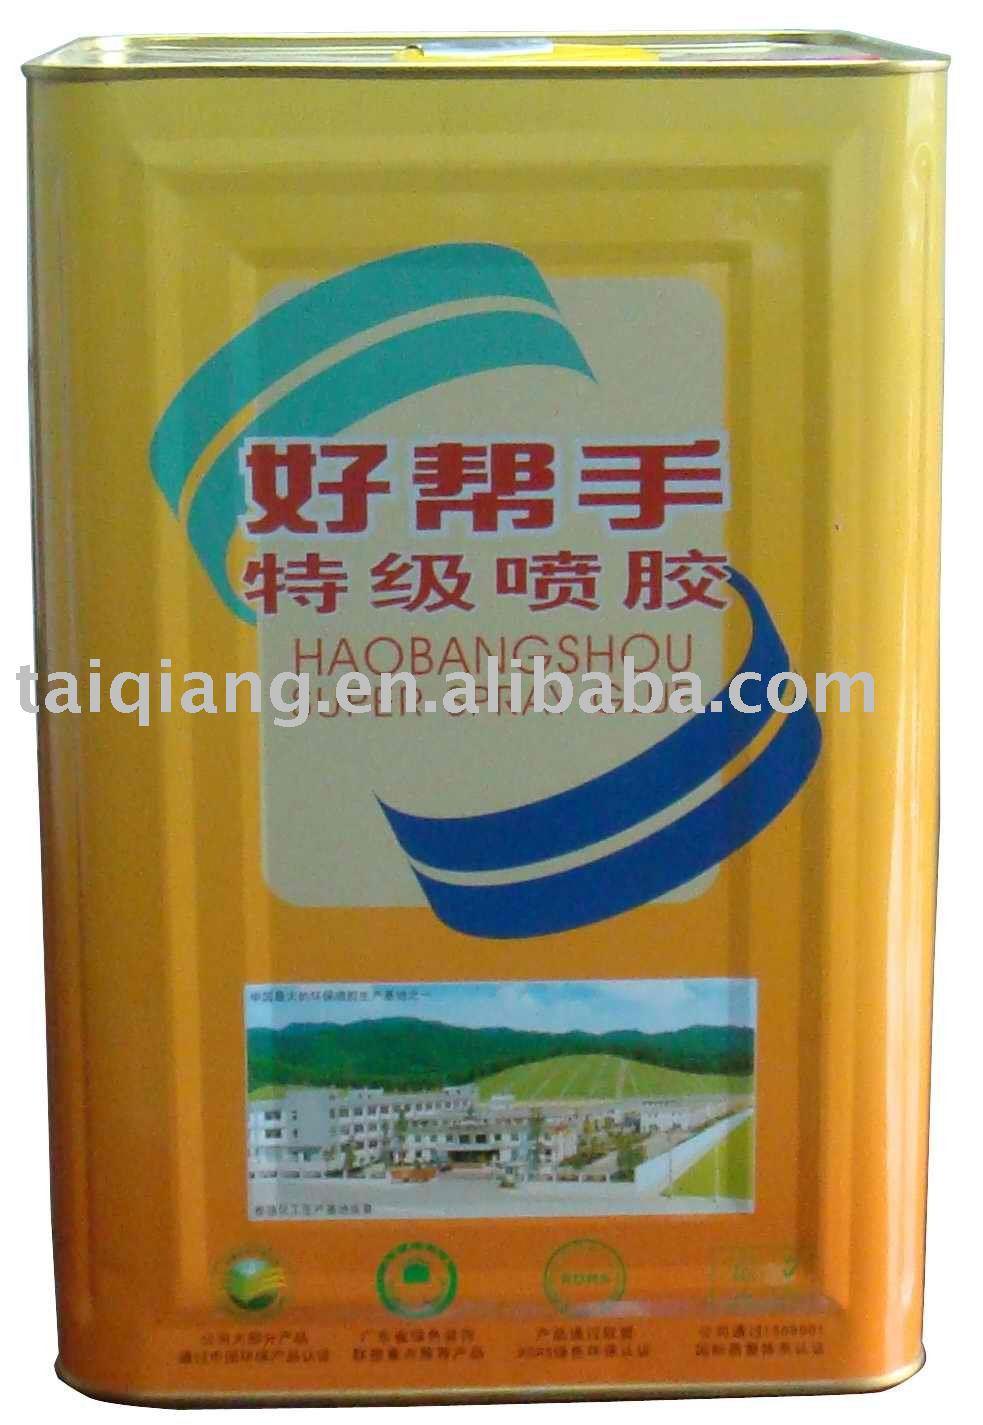 Neoprene spray glue for fireproof boards